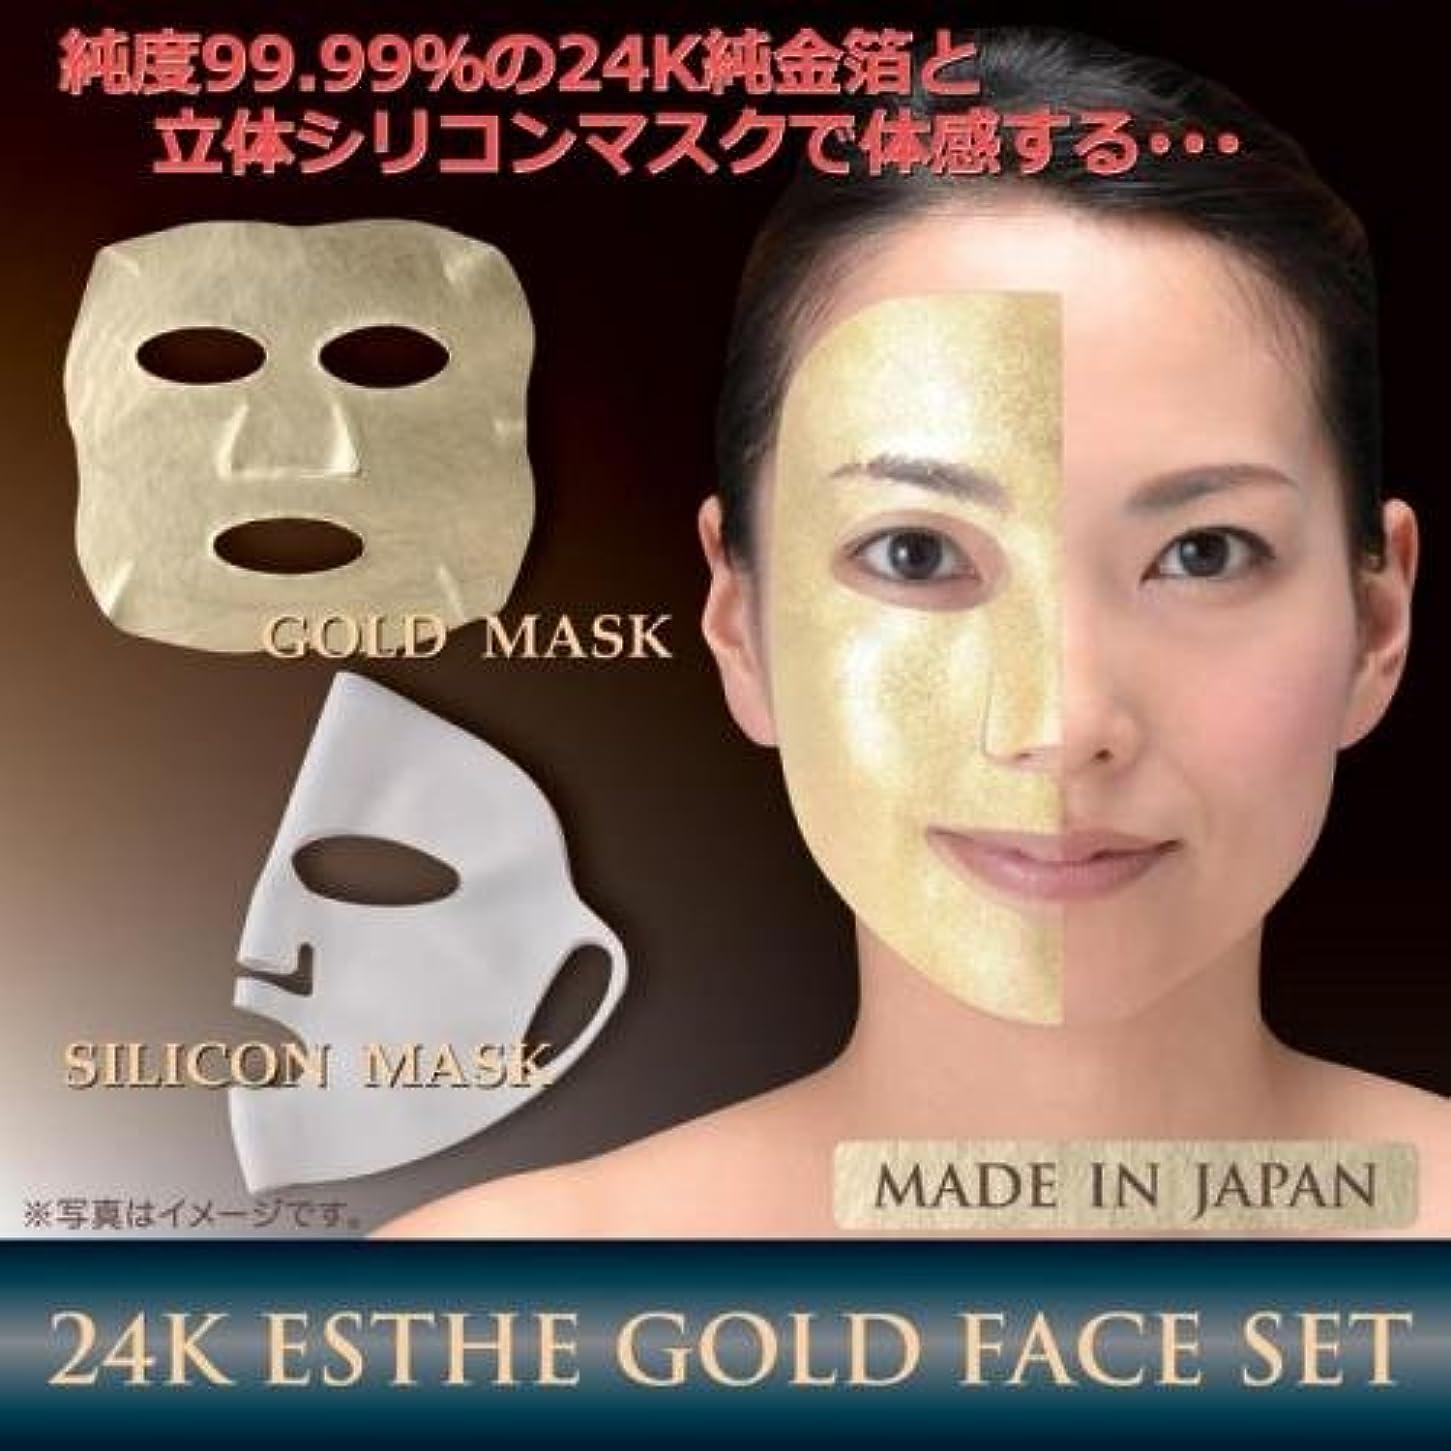 塗抹平方マルクス主義者後藤 24K エステゴールドフェイス セット 金箔マスク×1、シリコンマスク×1